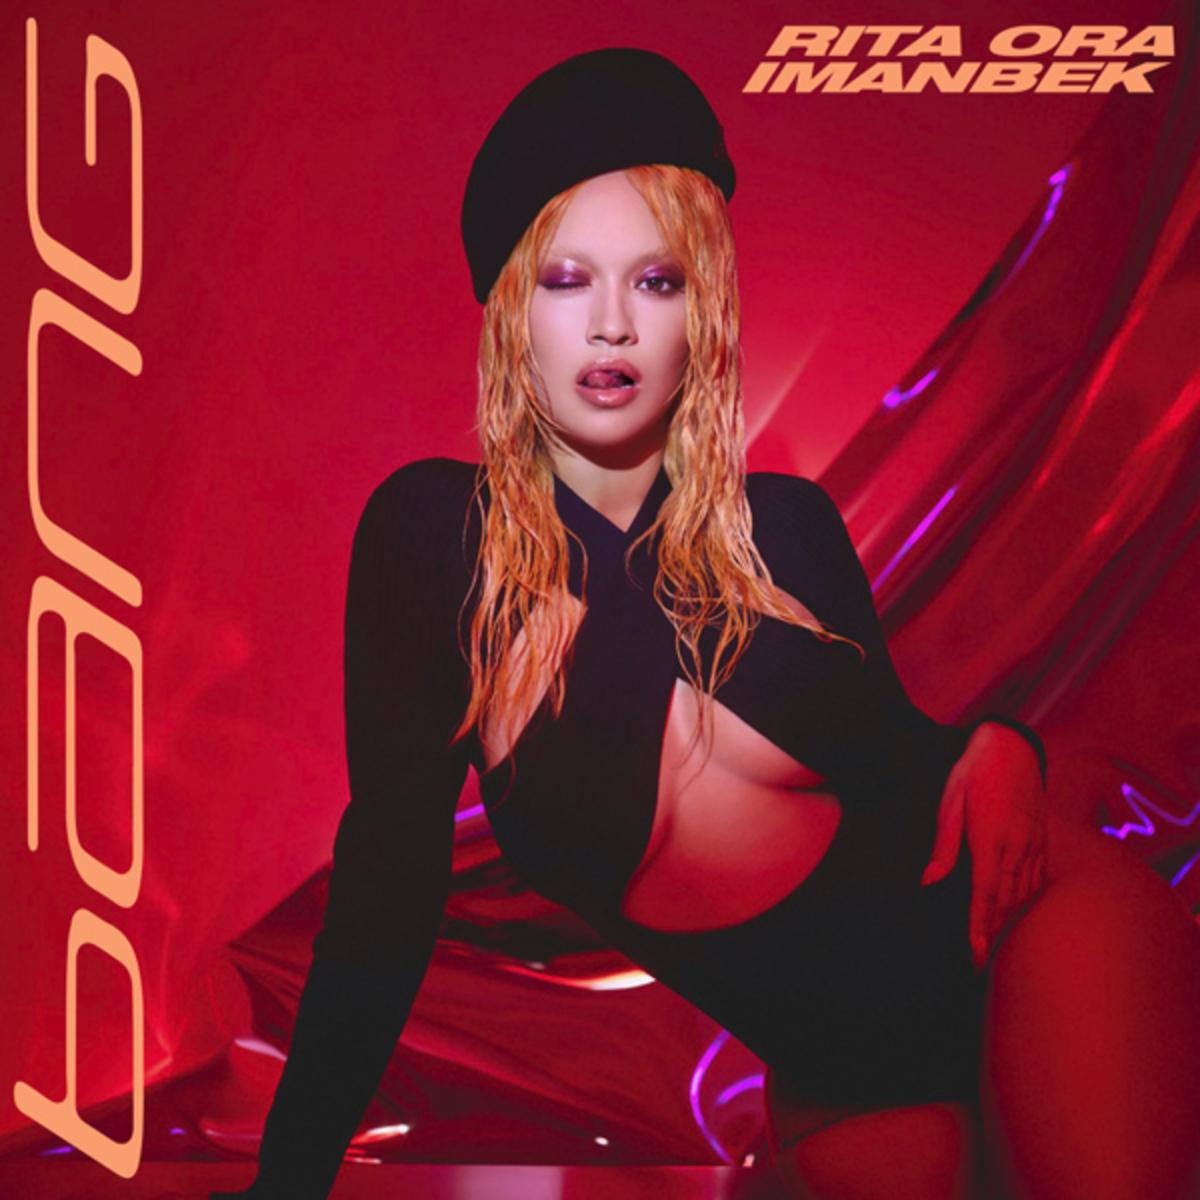 Rita Ora bang